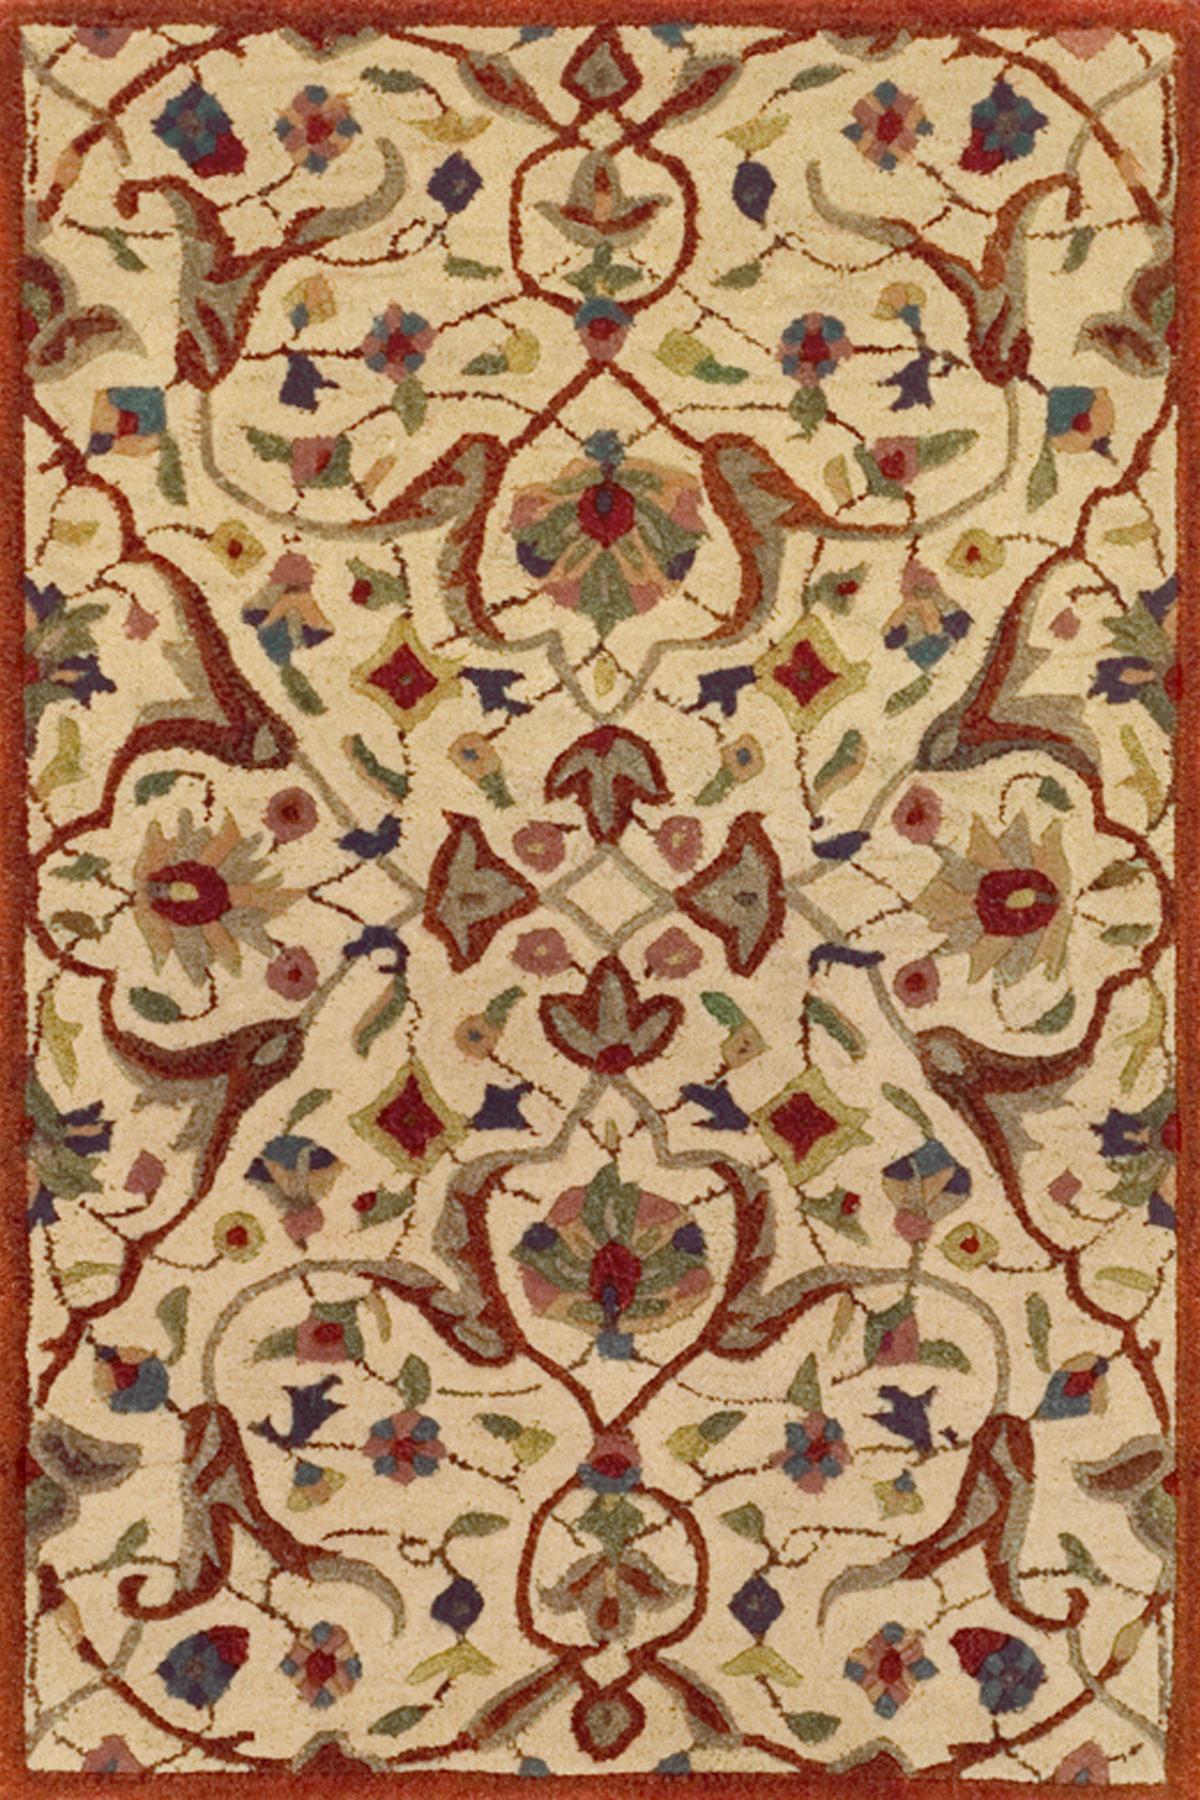 Essex Cinnamon Tufted Wool Rug